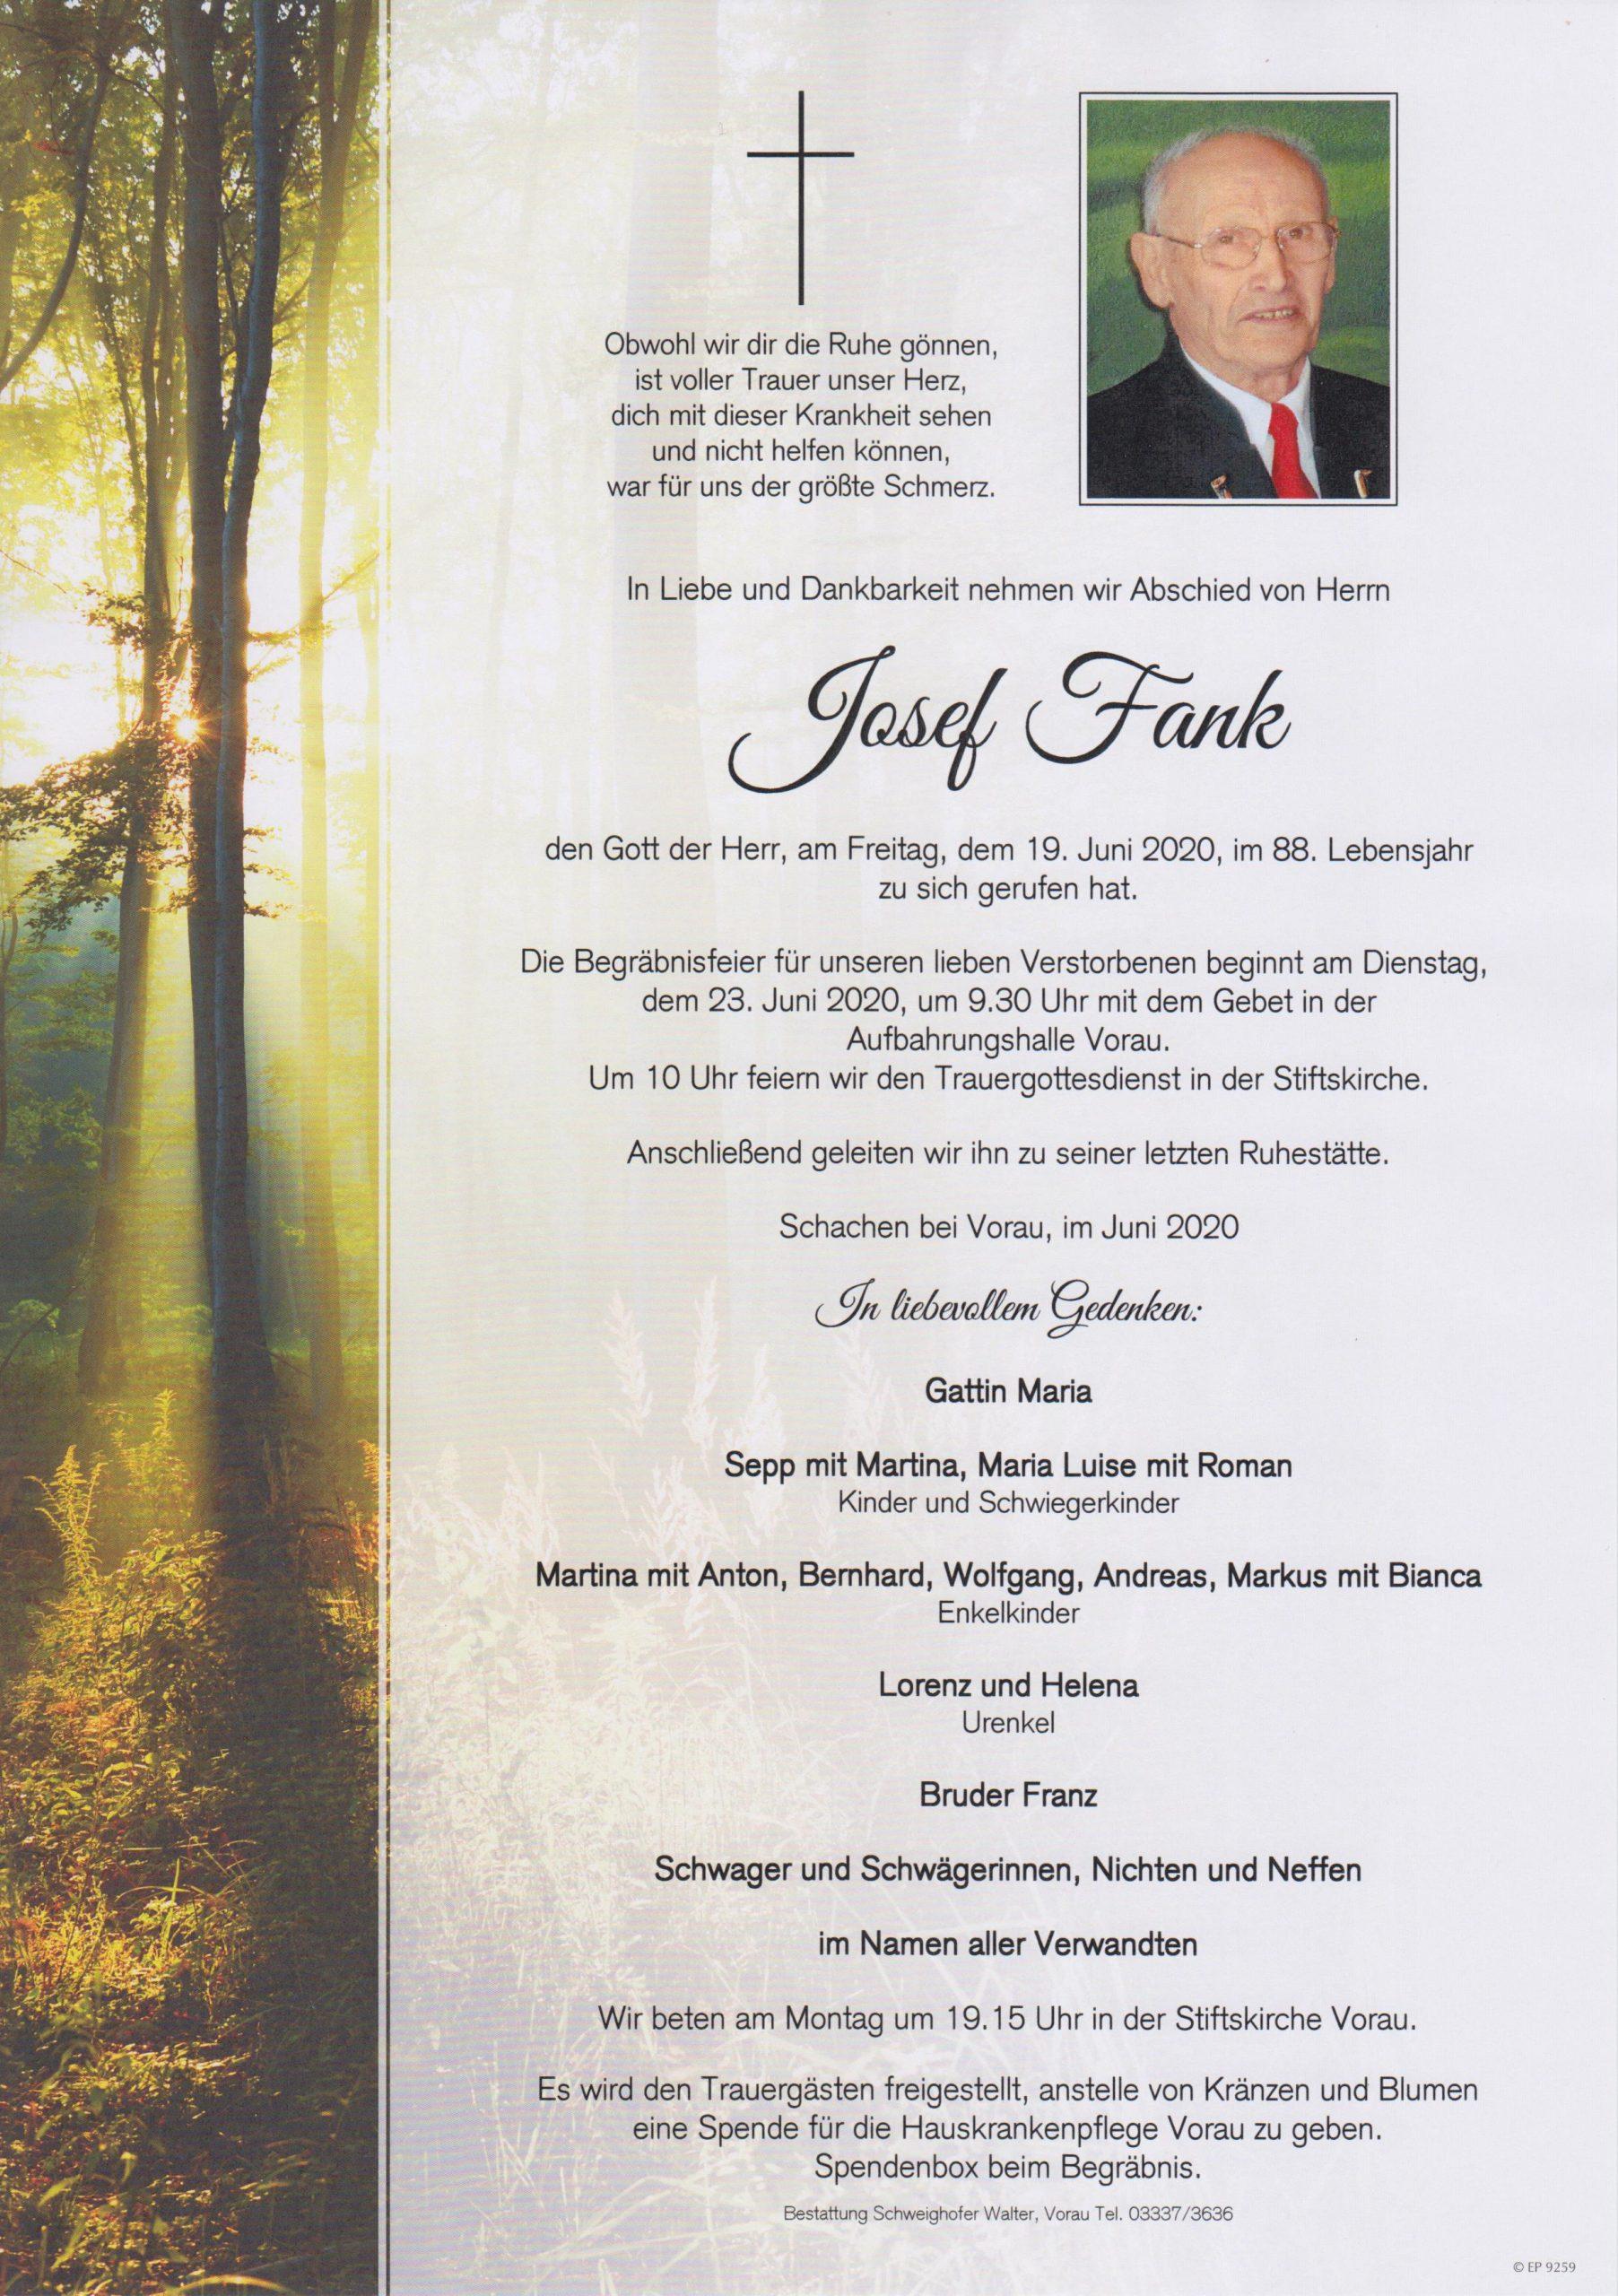 Josef Fank